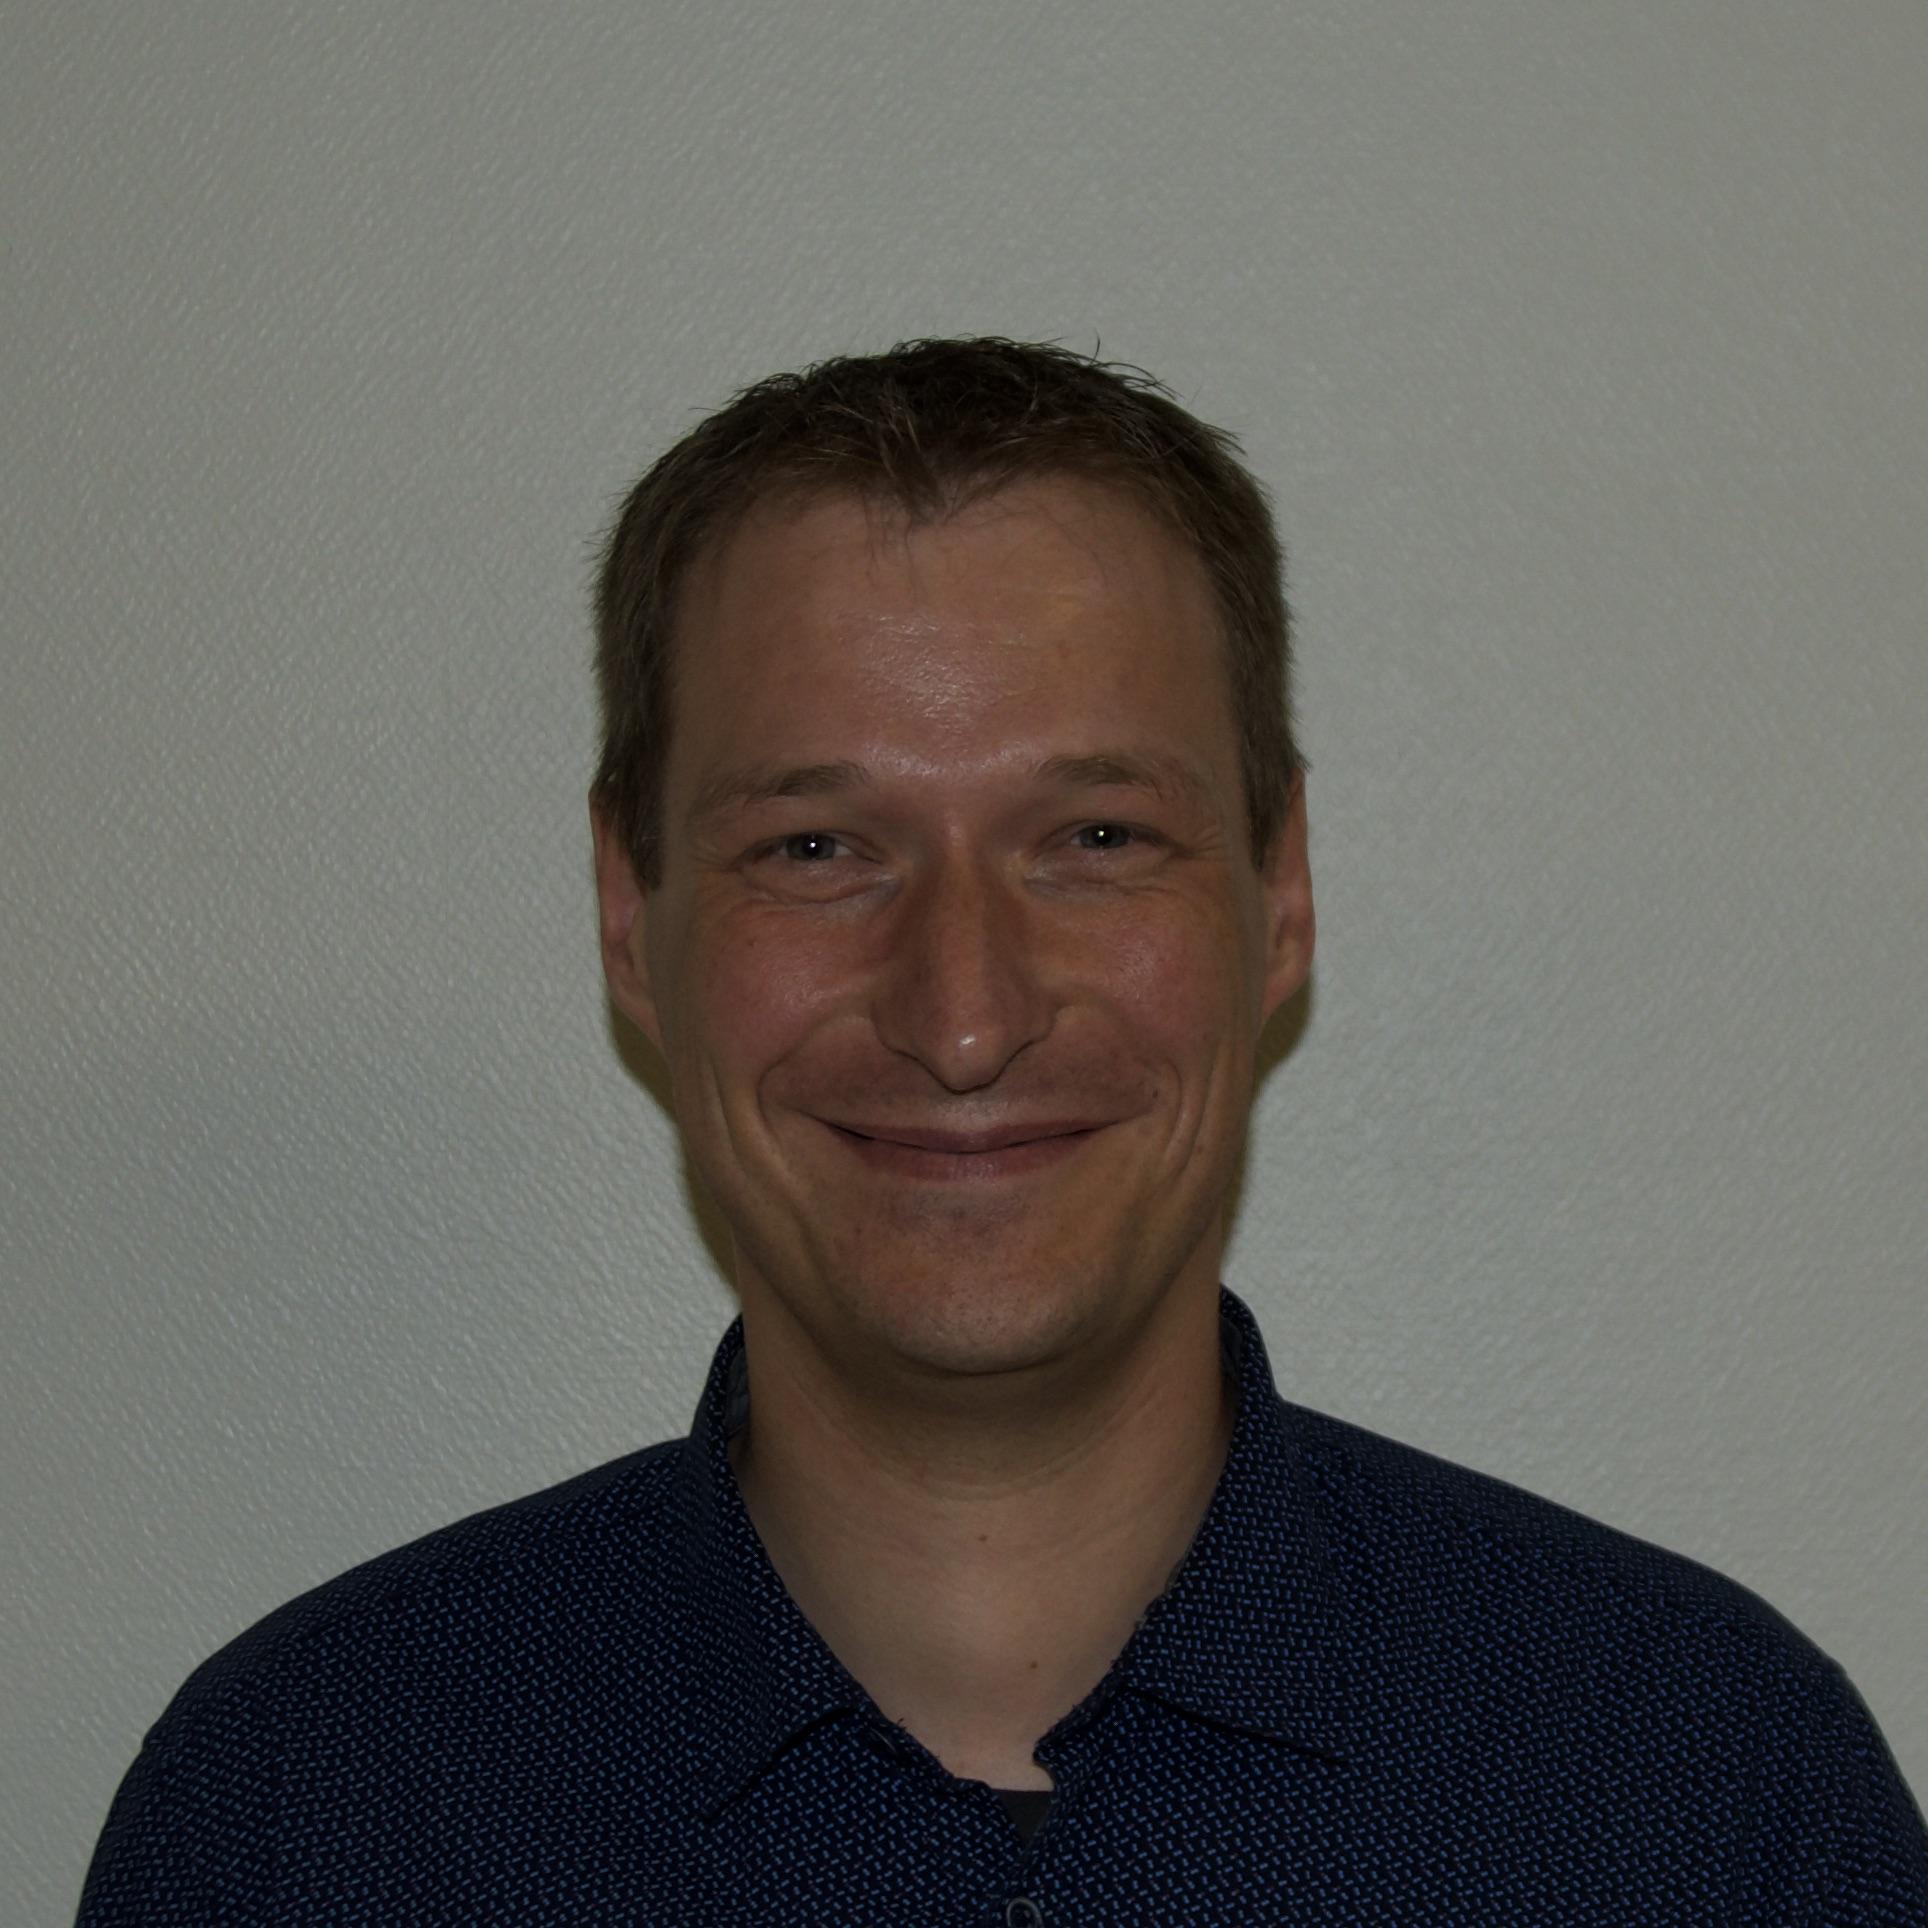 Jens Koel